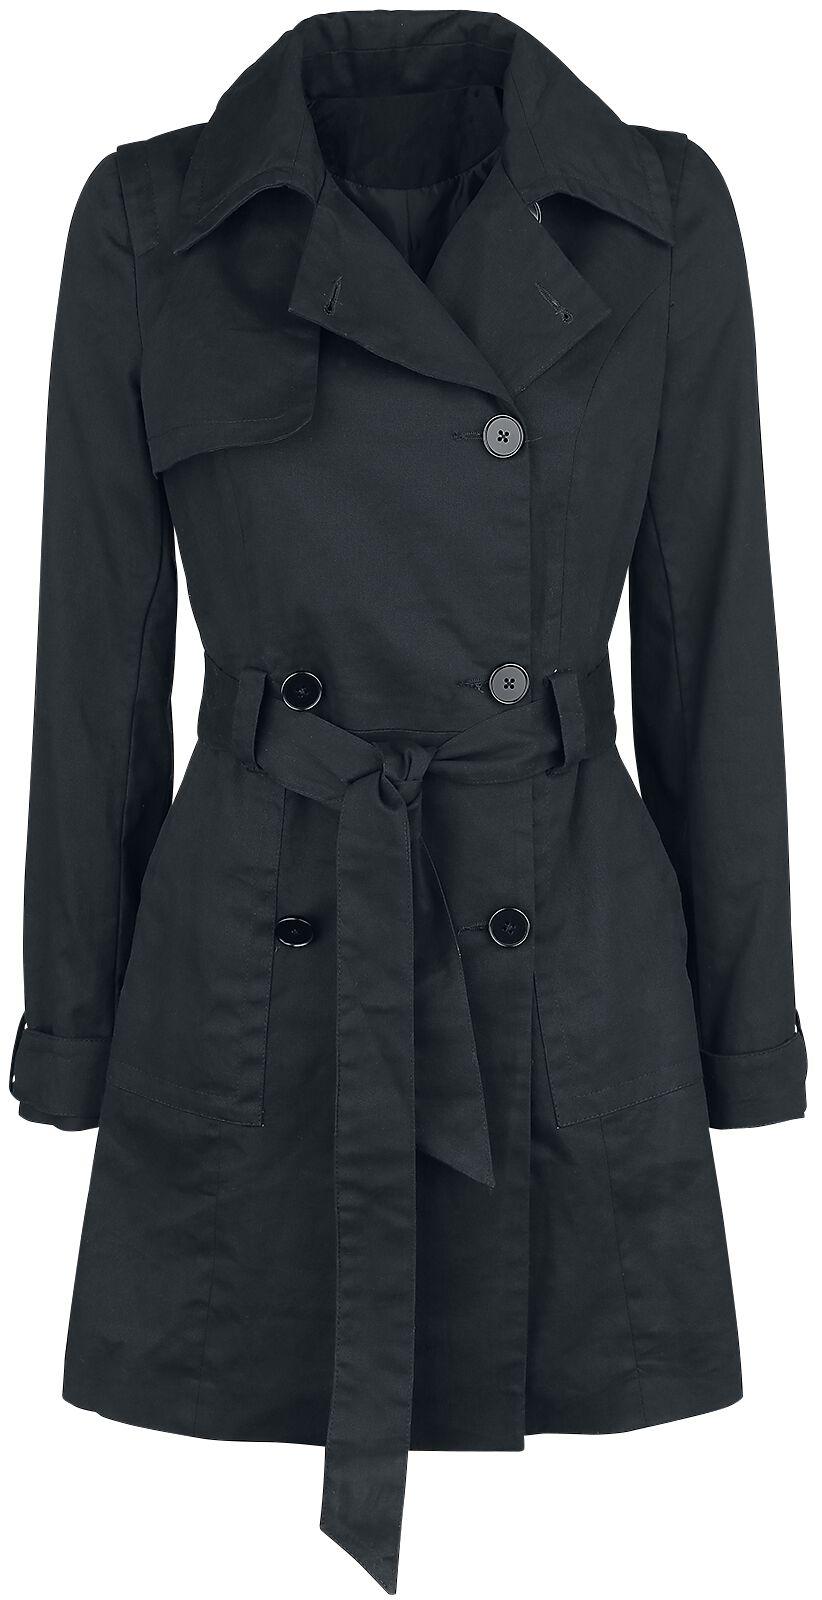 Image of   Forplay Cotton Trenchcoat Girlie frakke sort